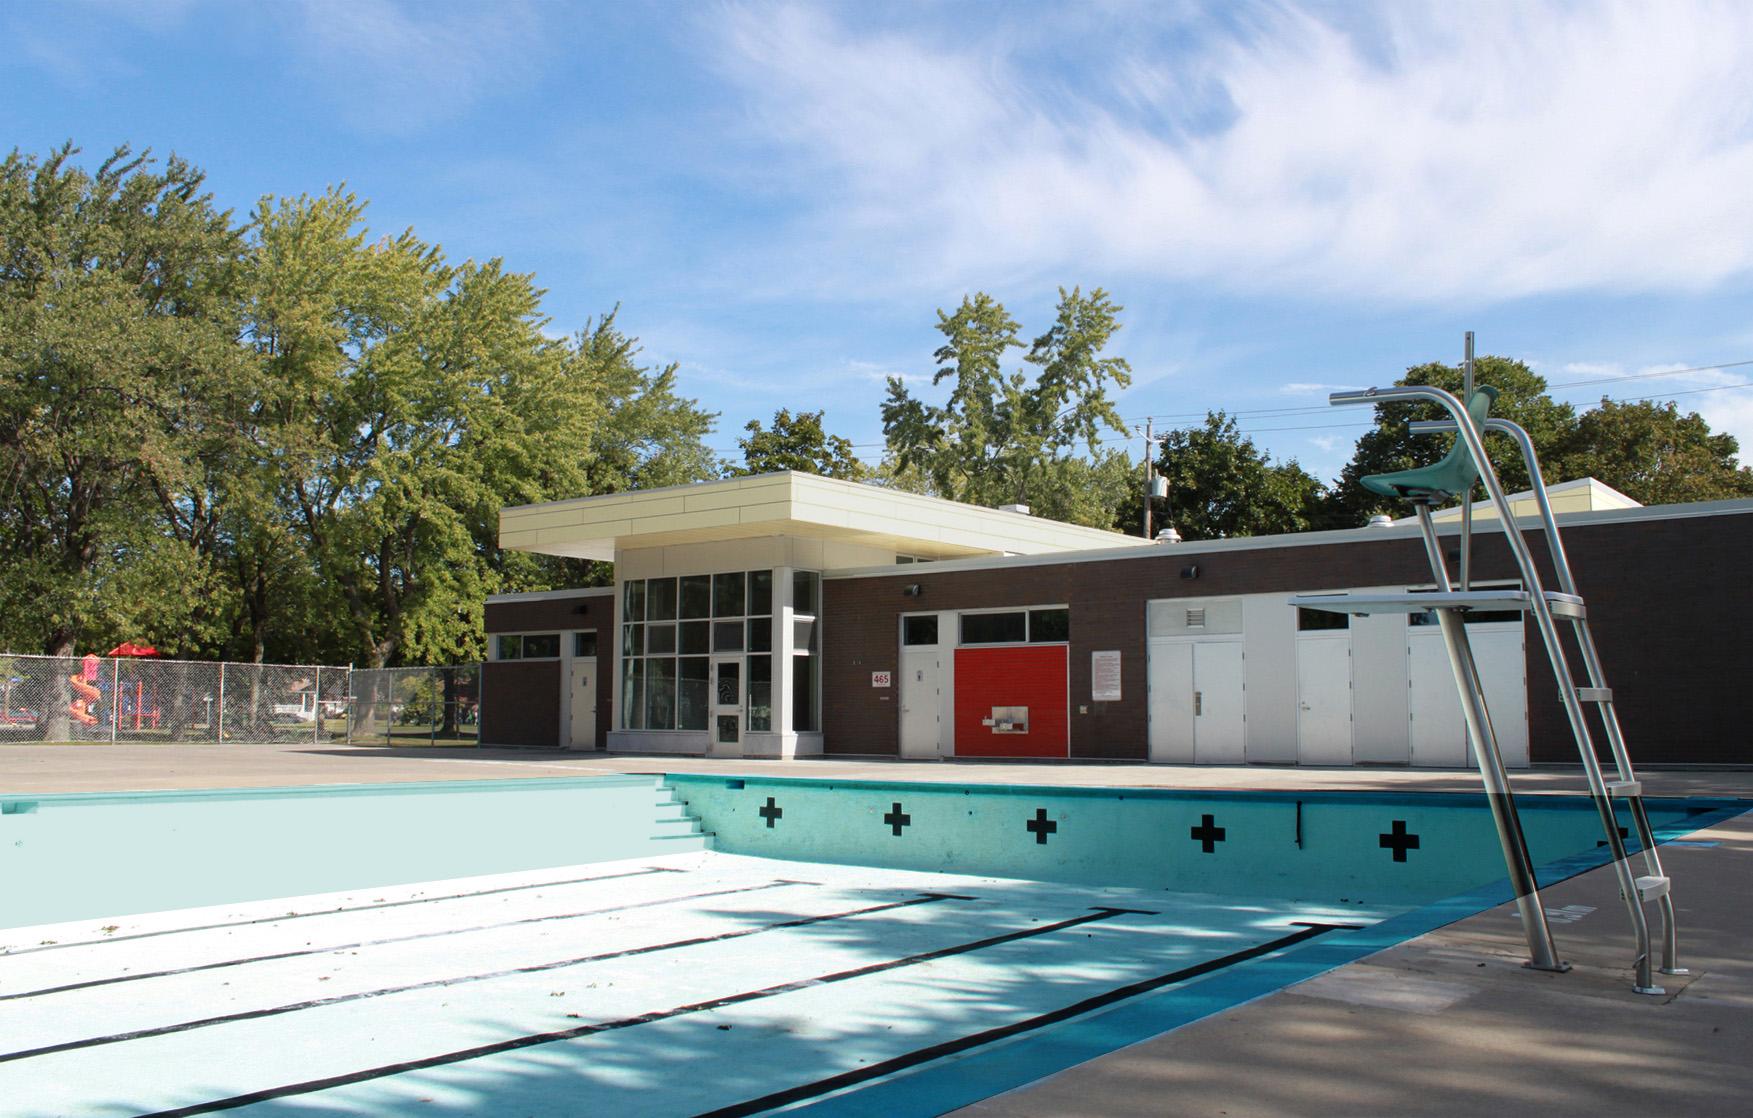 Beaupr michaud et associ s architectes for Construction piscine nord